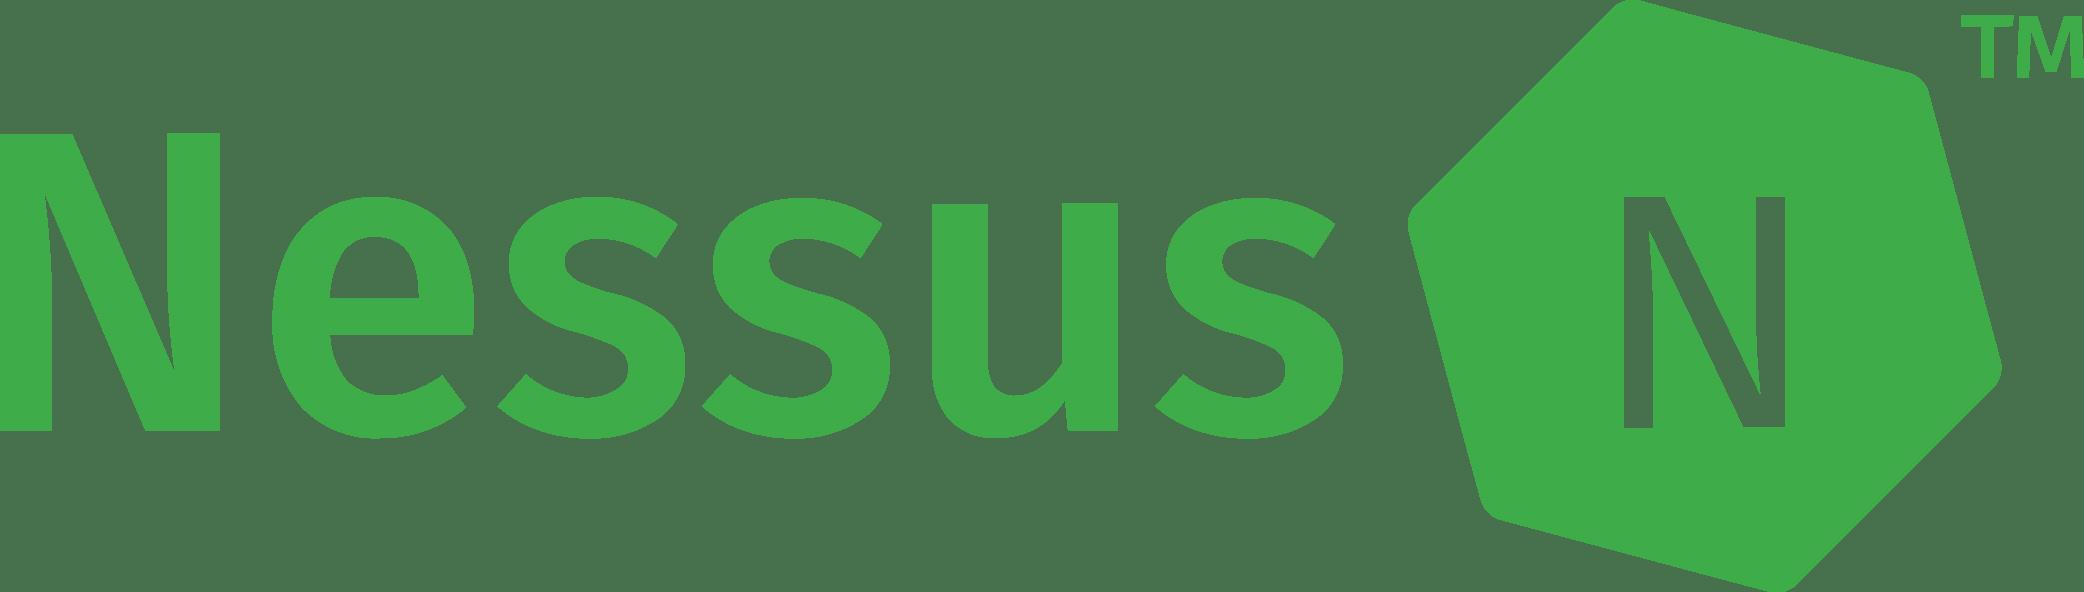 Nessus Logo Download Vector.